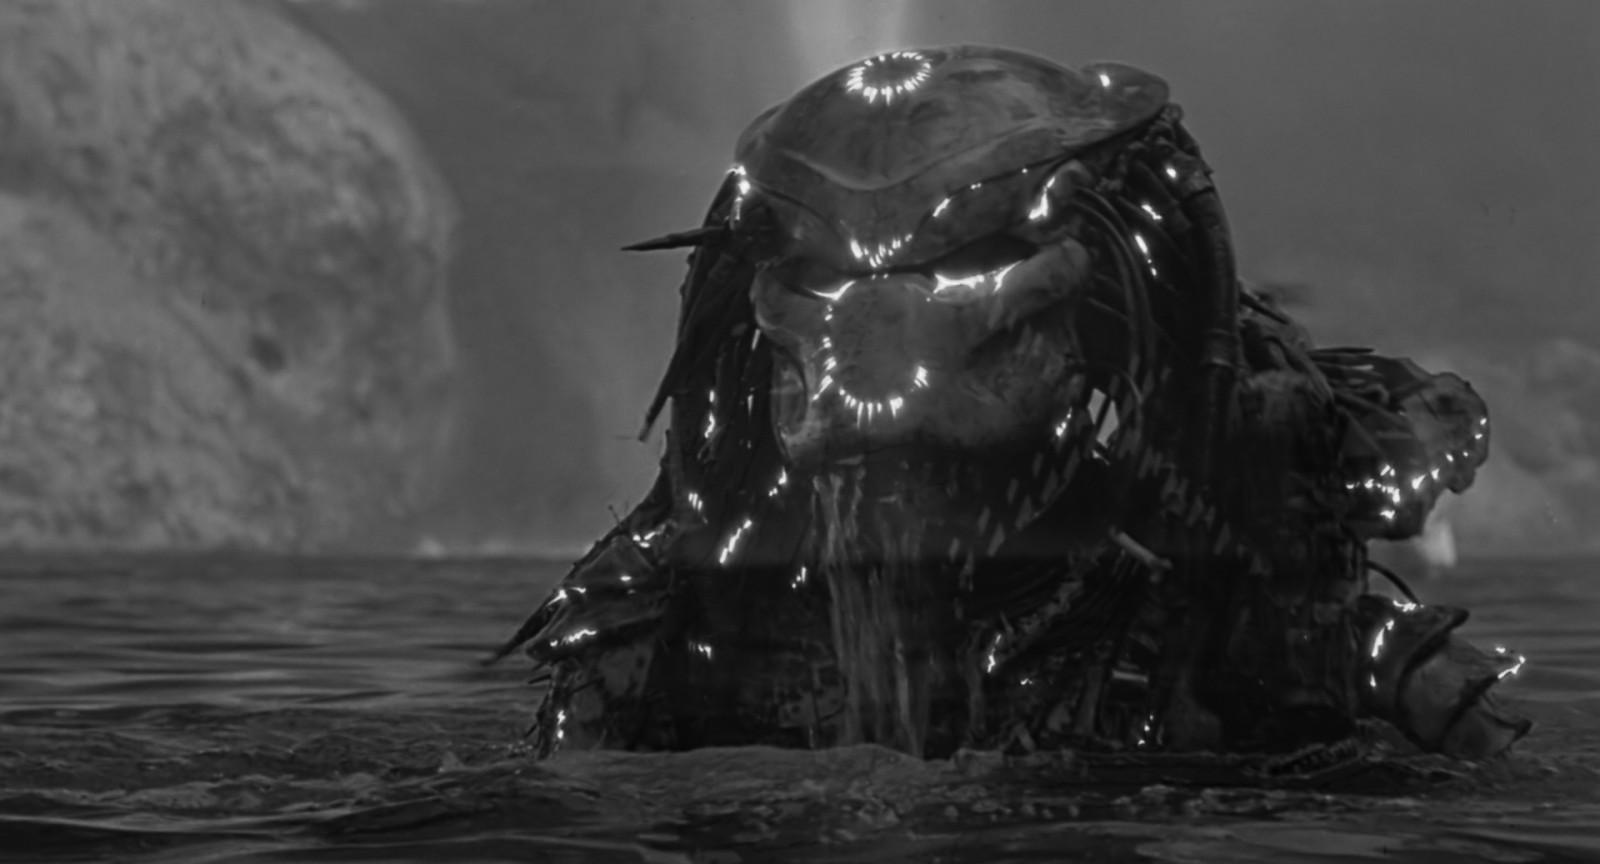 Ein ausserirdischer Cyborg. Szene aus Predator (McTiernan 1987)